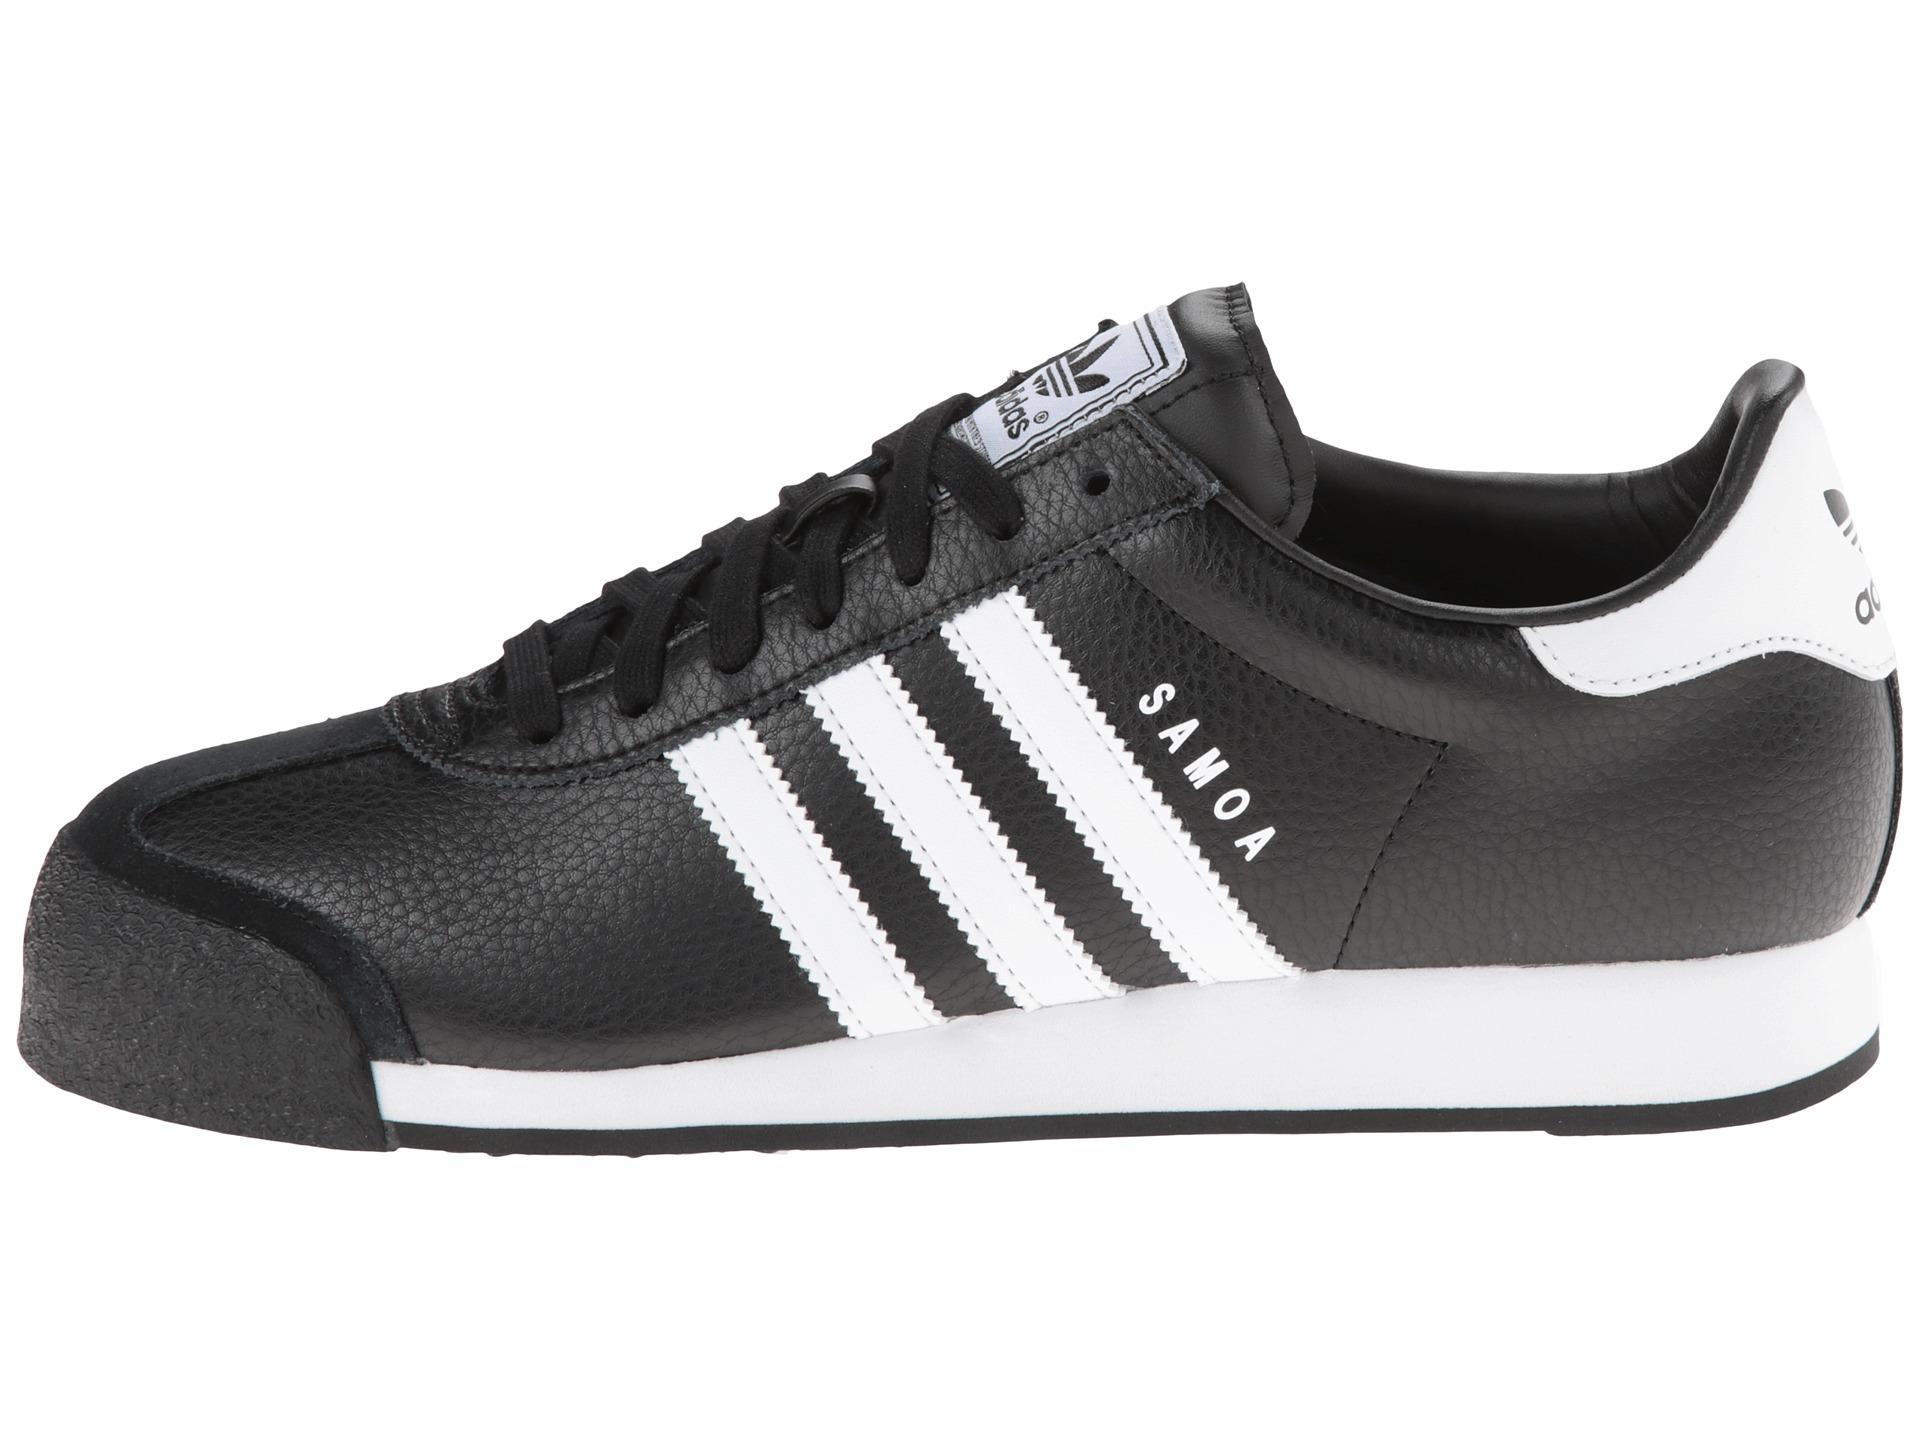 Adidas Originals Samoa, Shoes | Shipped Free at Zappos